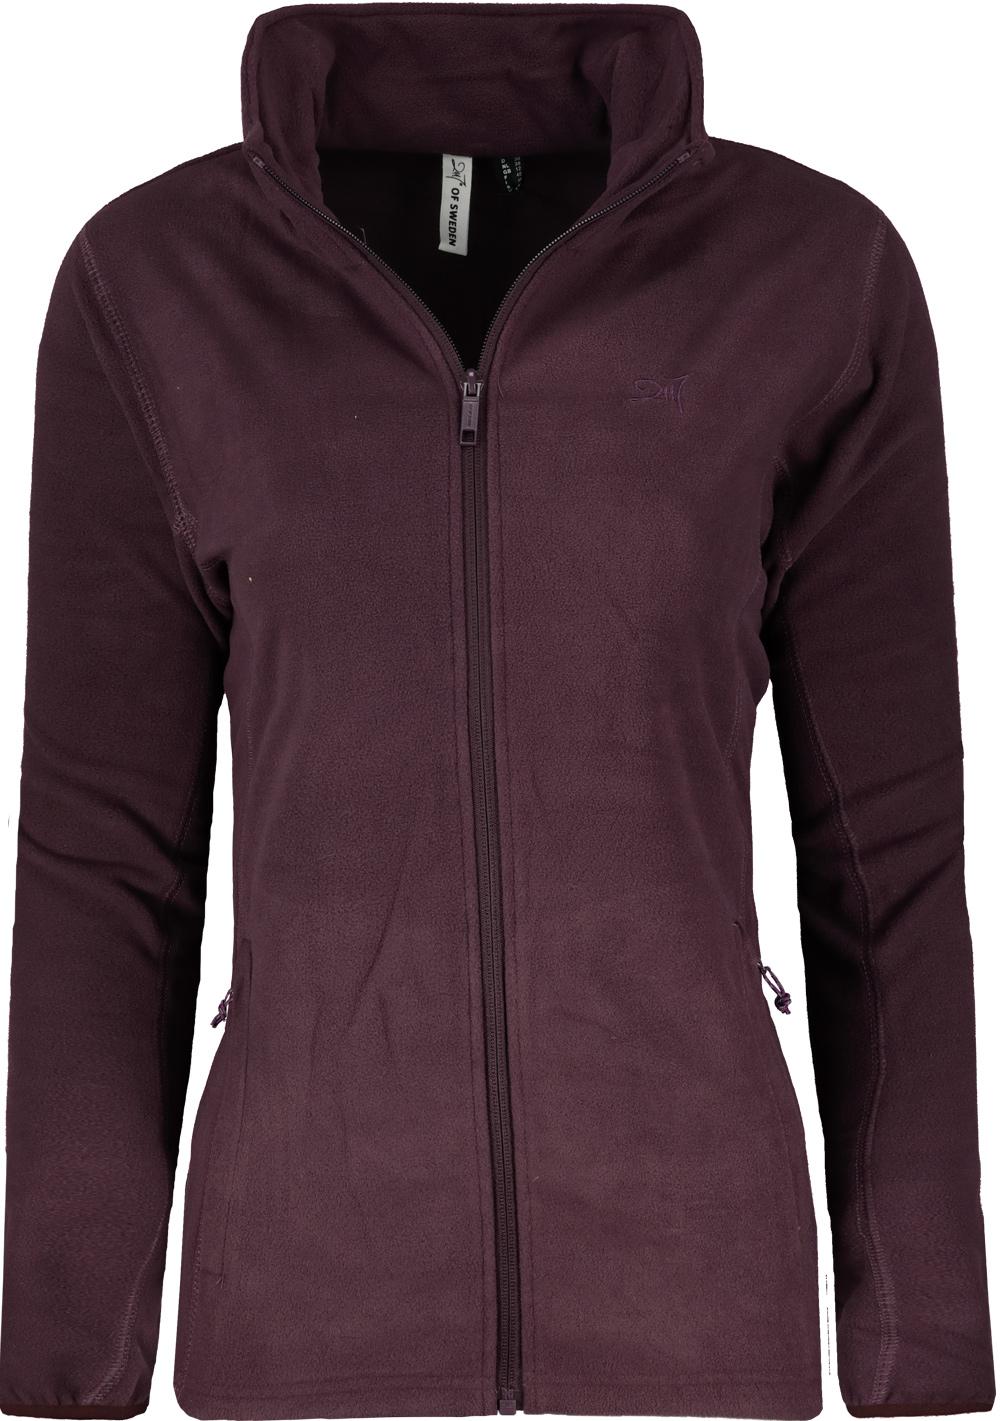 Women's fleece hoodie 2117 LUND